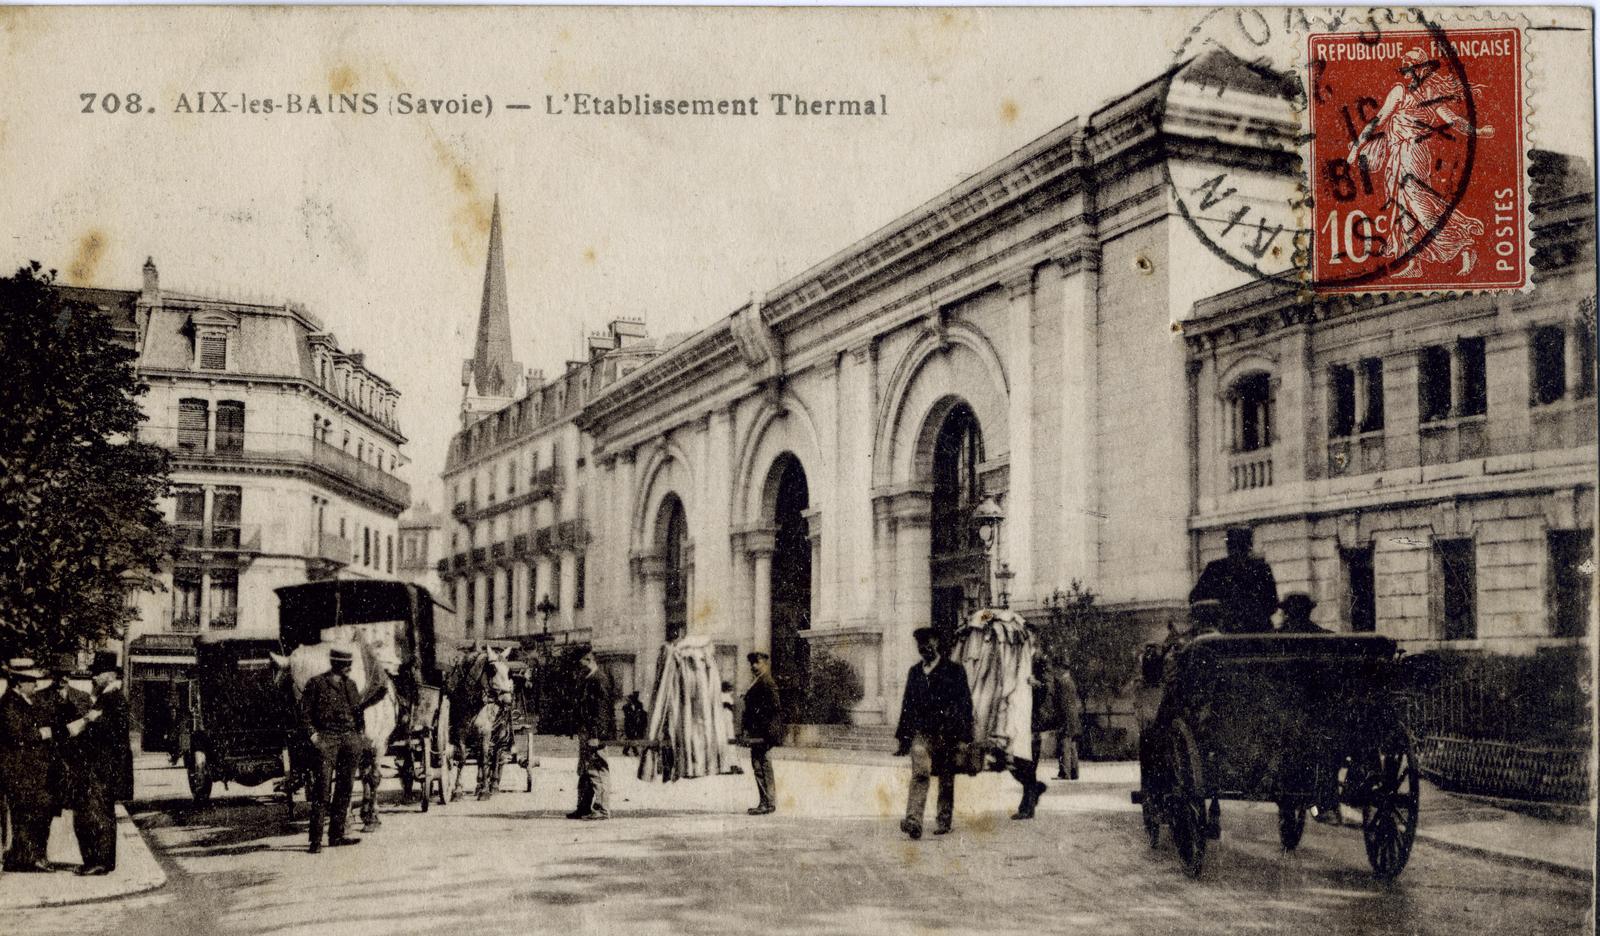 Thermes Pellegrini Aix-les-Bains